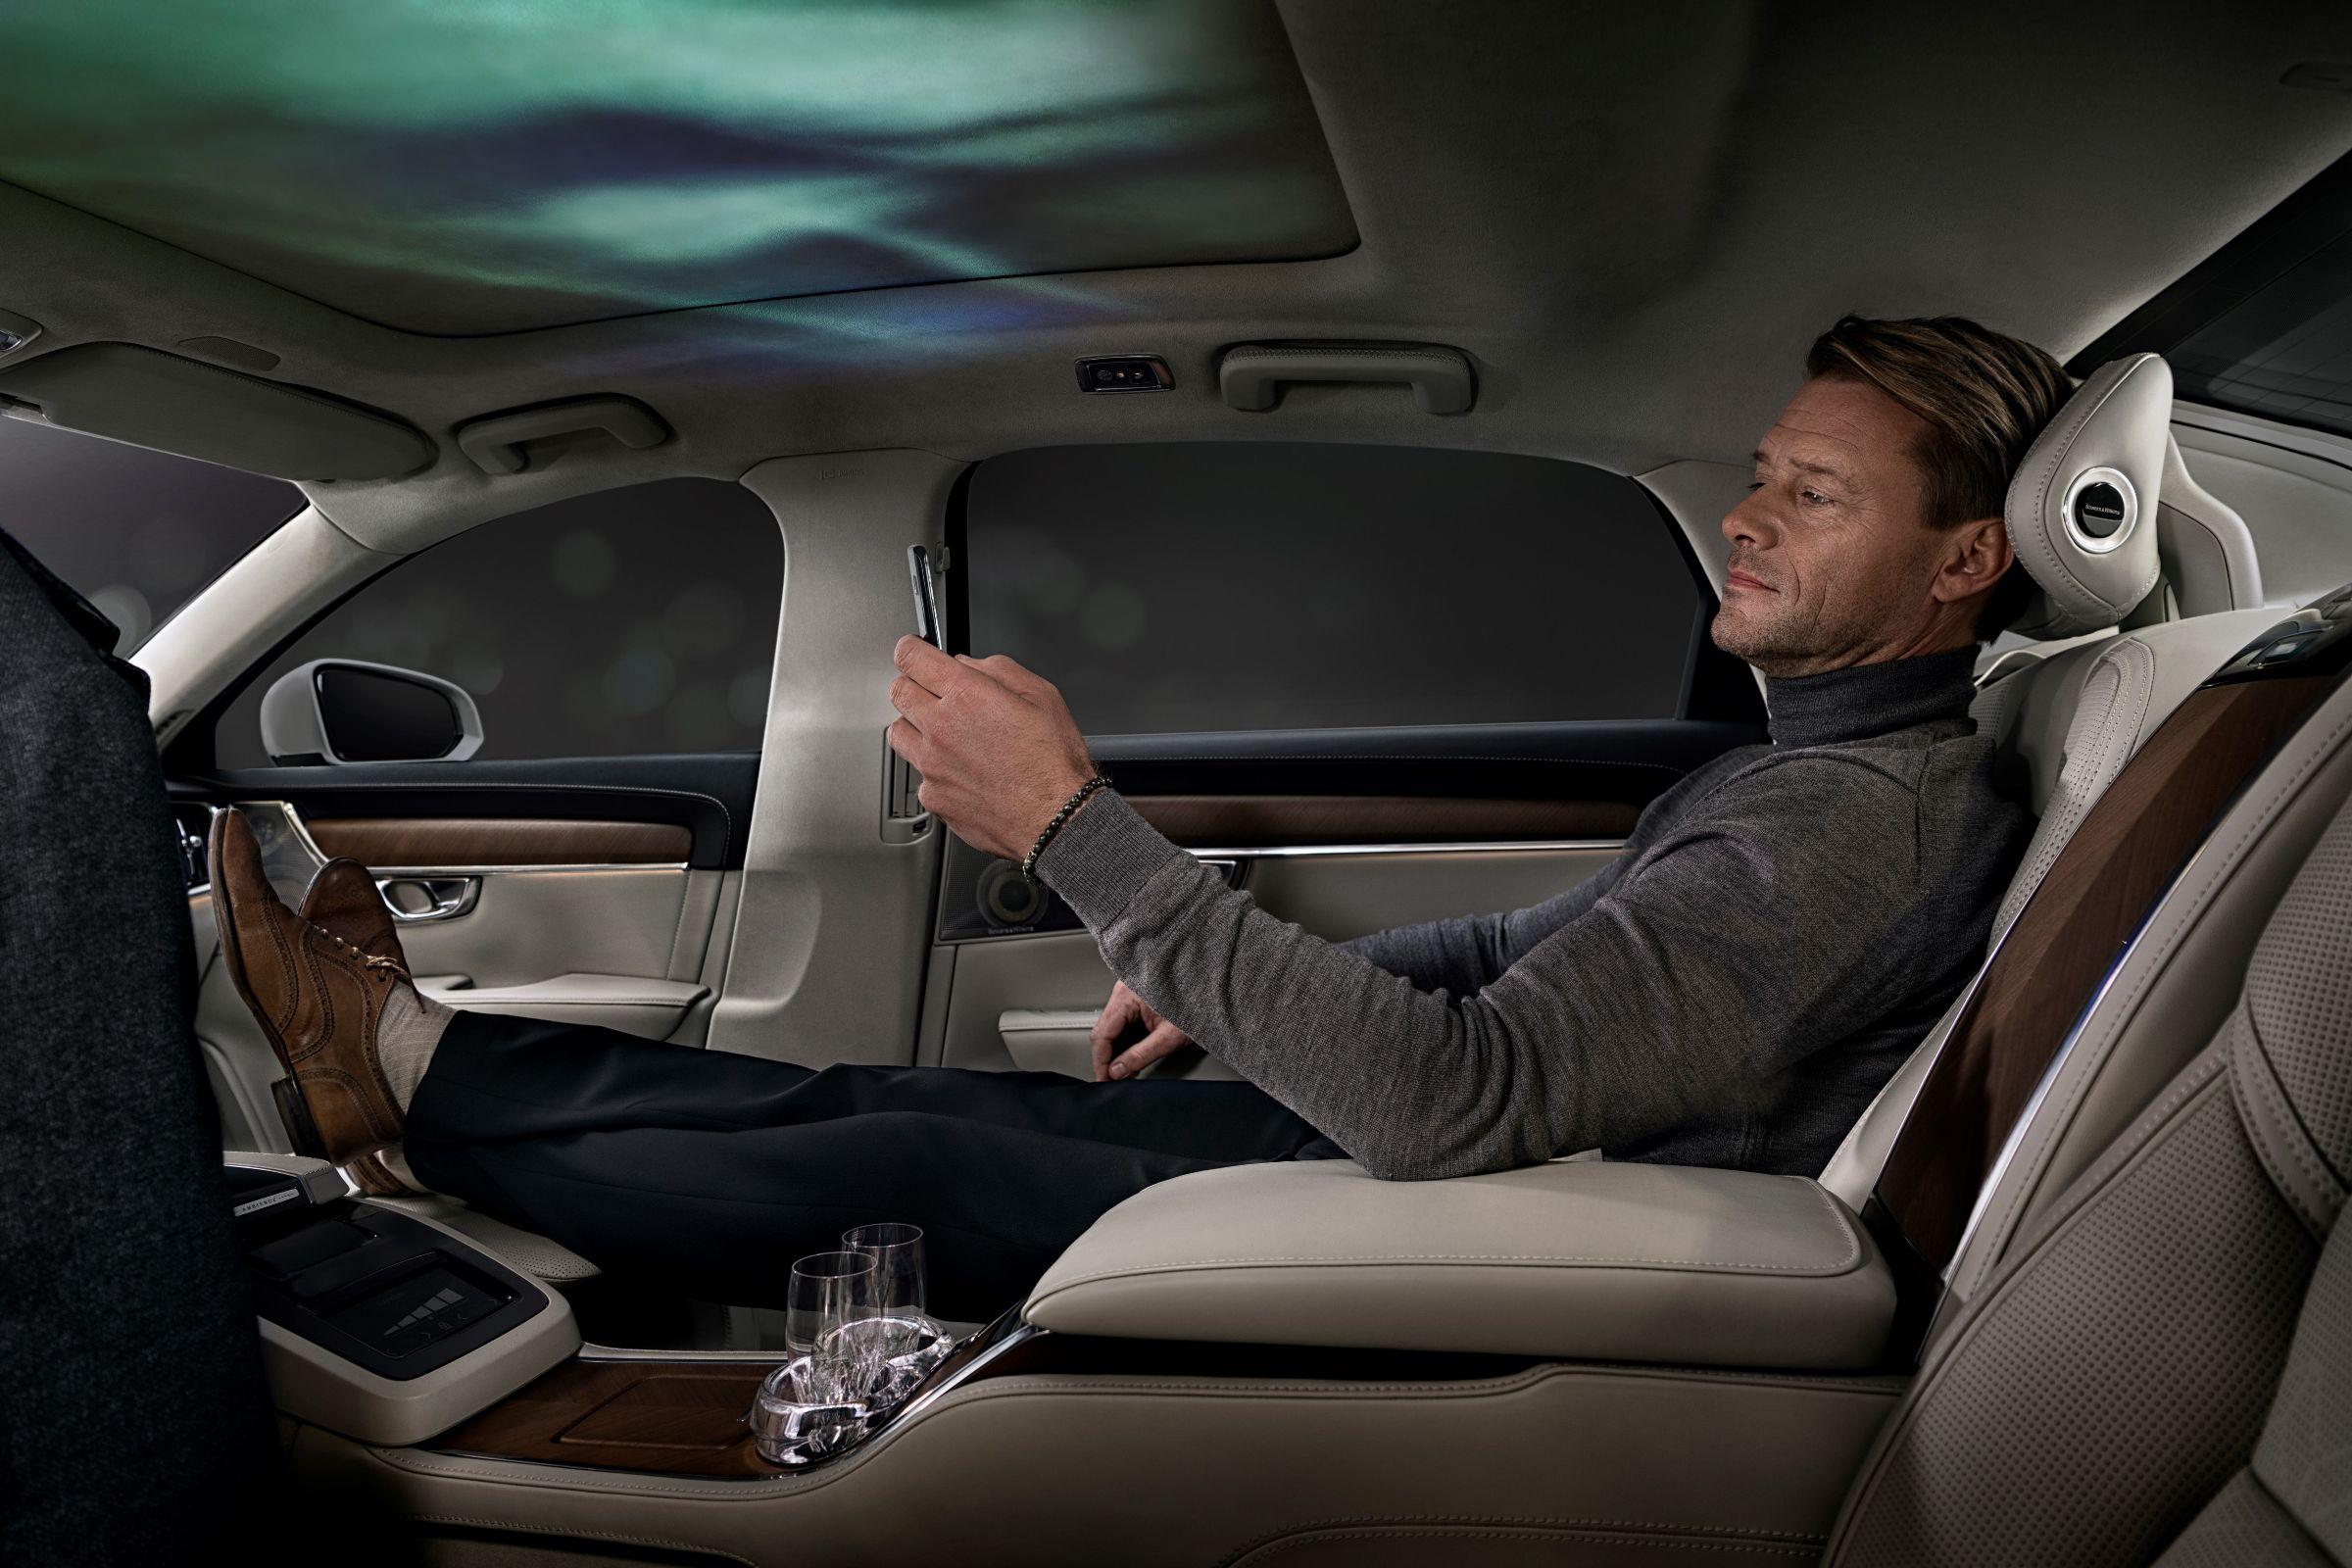 Muitas novidades foram apresentadas no Salão do Automóvel de Pequim. Separamos alguns conceitos grandões que deram o que falar por inovarem no visual, sensorial e na motorização.